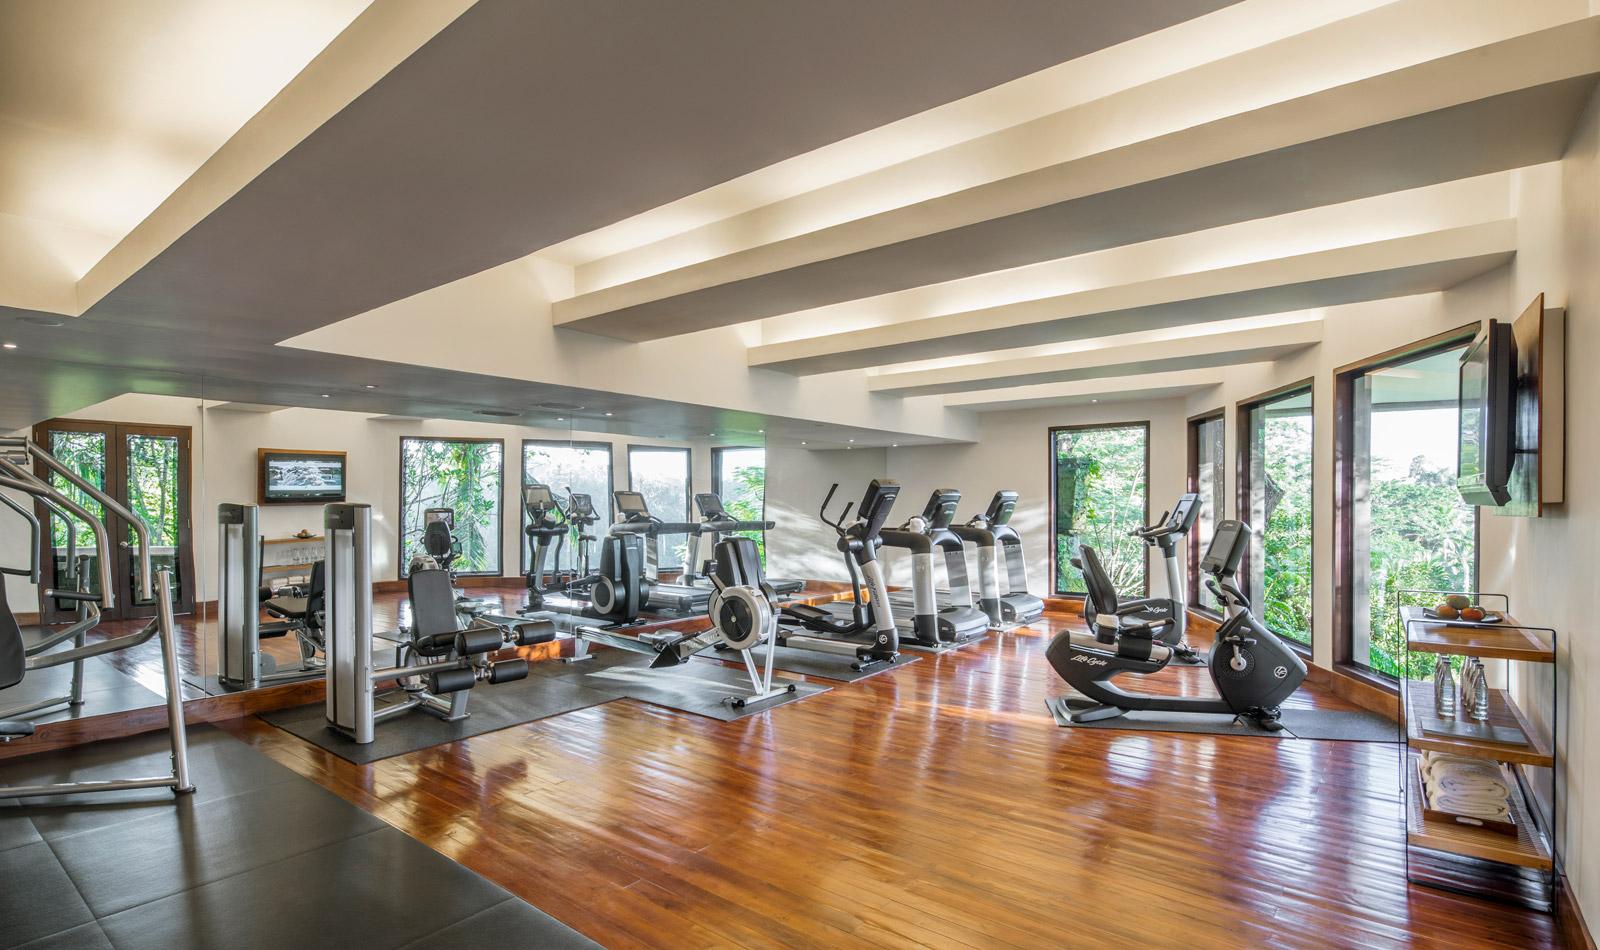 Bali Villas with Gyms - Ultimate Bali Luxury Villas